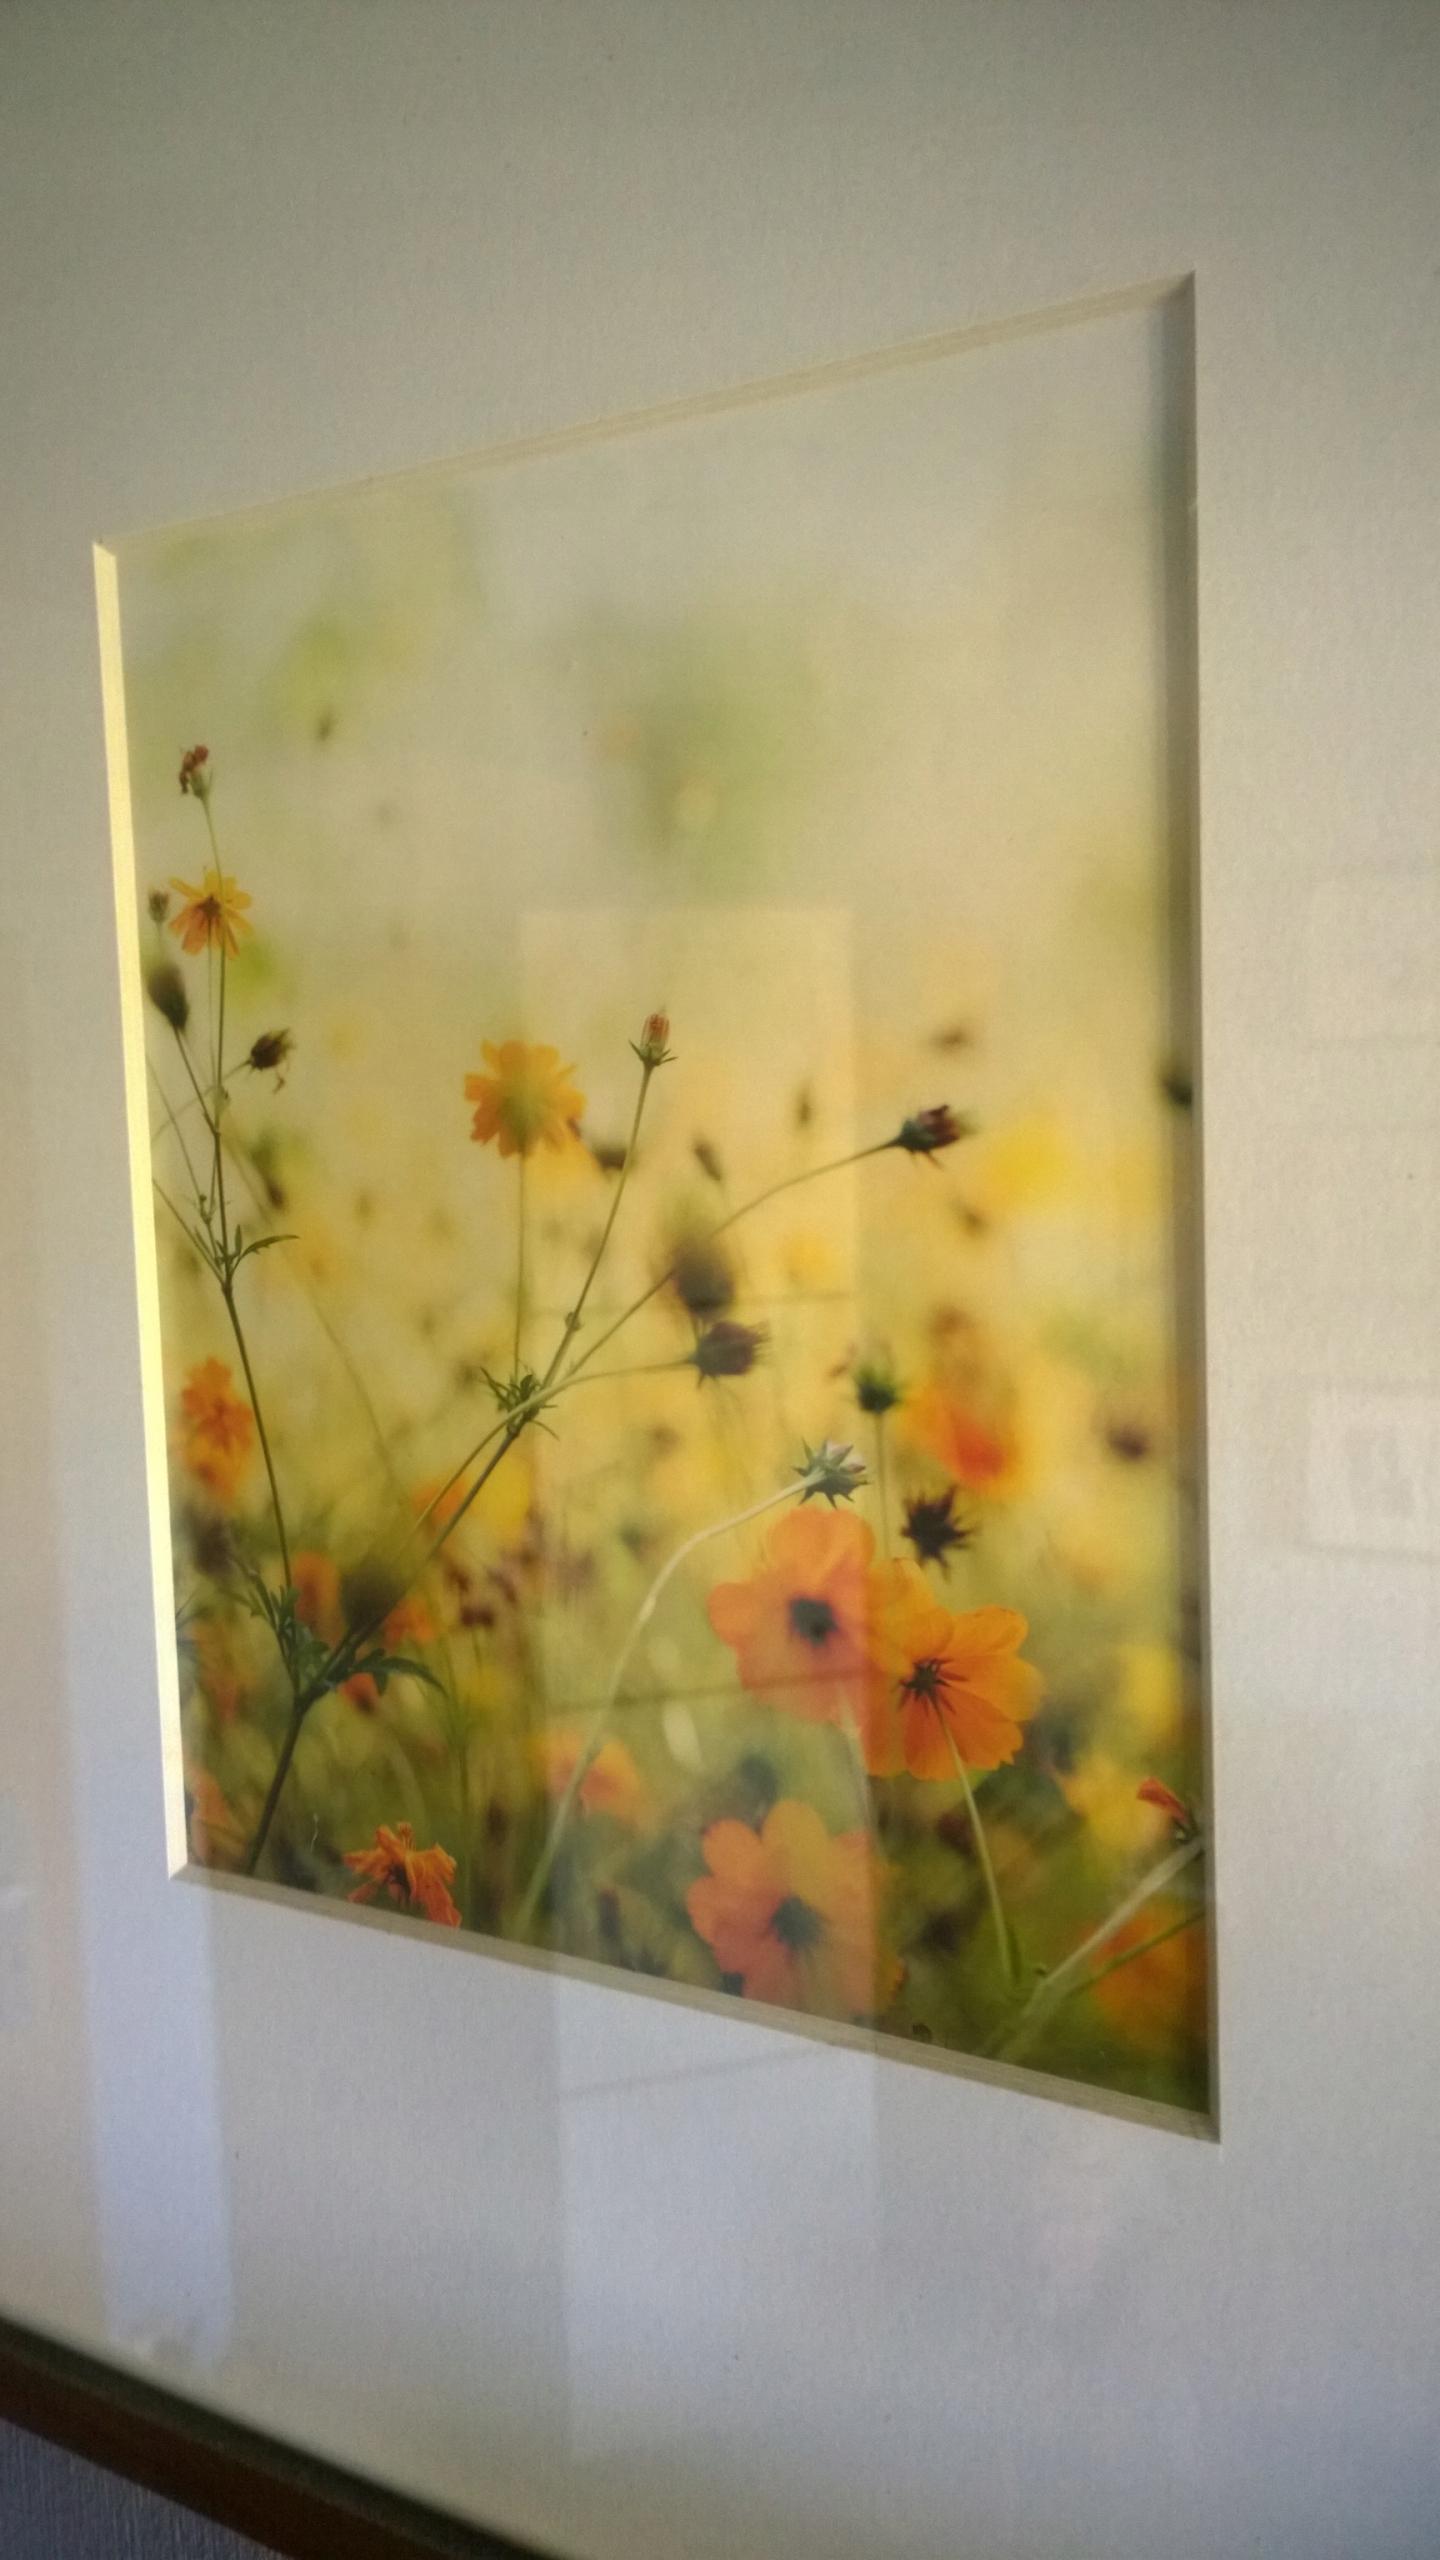 Ikea Plakat Kwiaty łąka 4050 Rama Obraz Unikat 7660651110